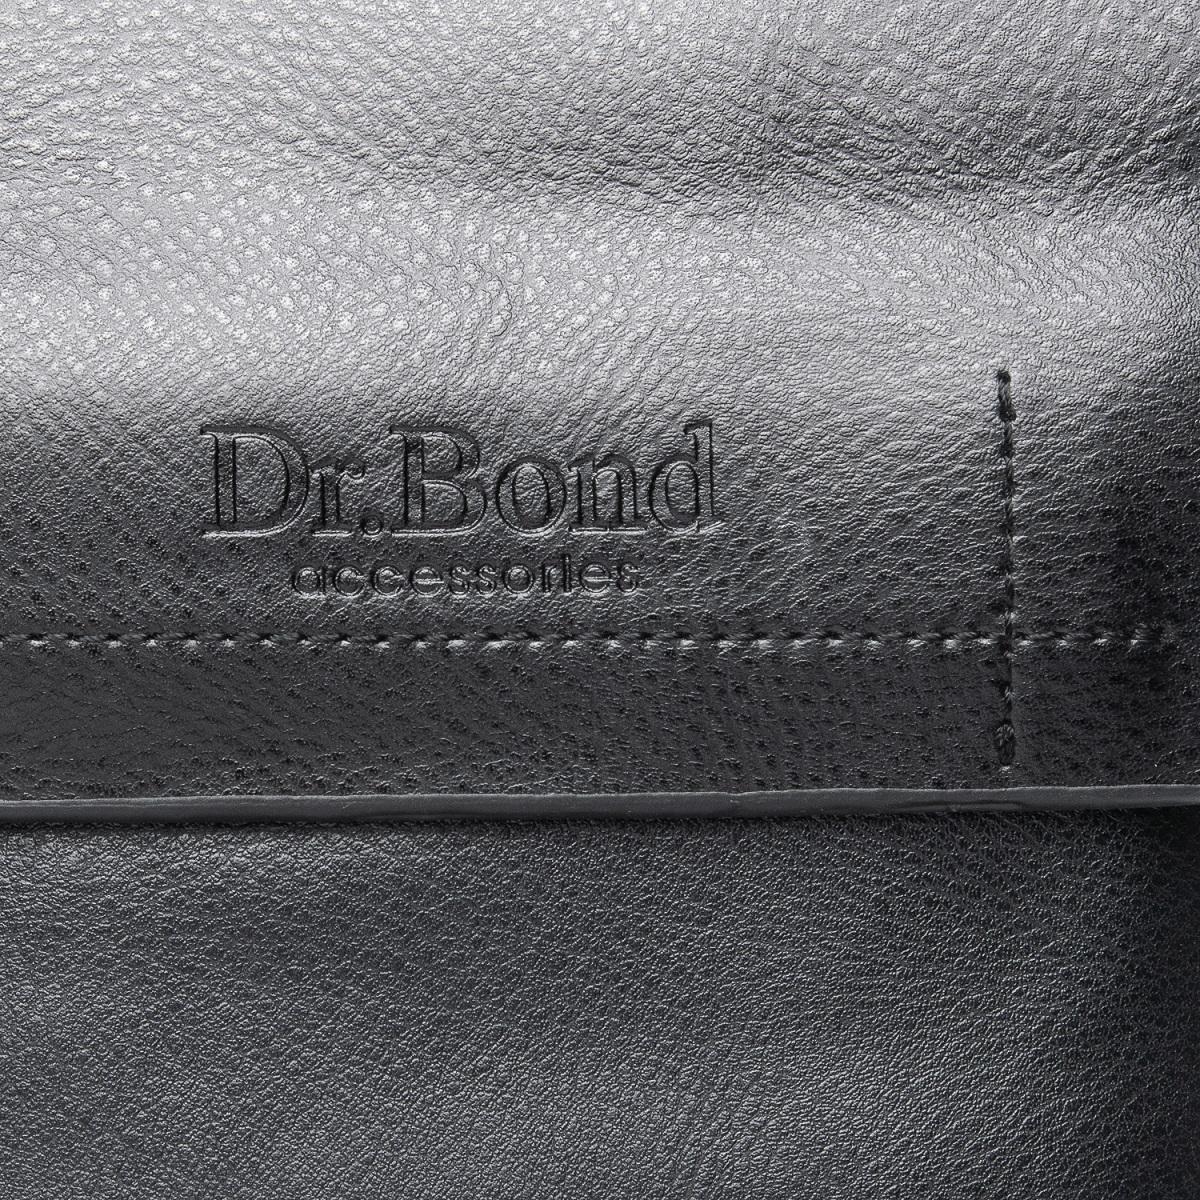 Сумка Мужская Планшет иск-кожа DR. BOND GL 206-0 black - фото 5